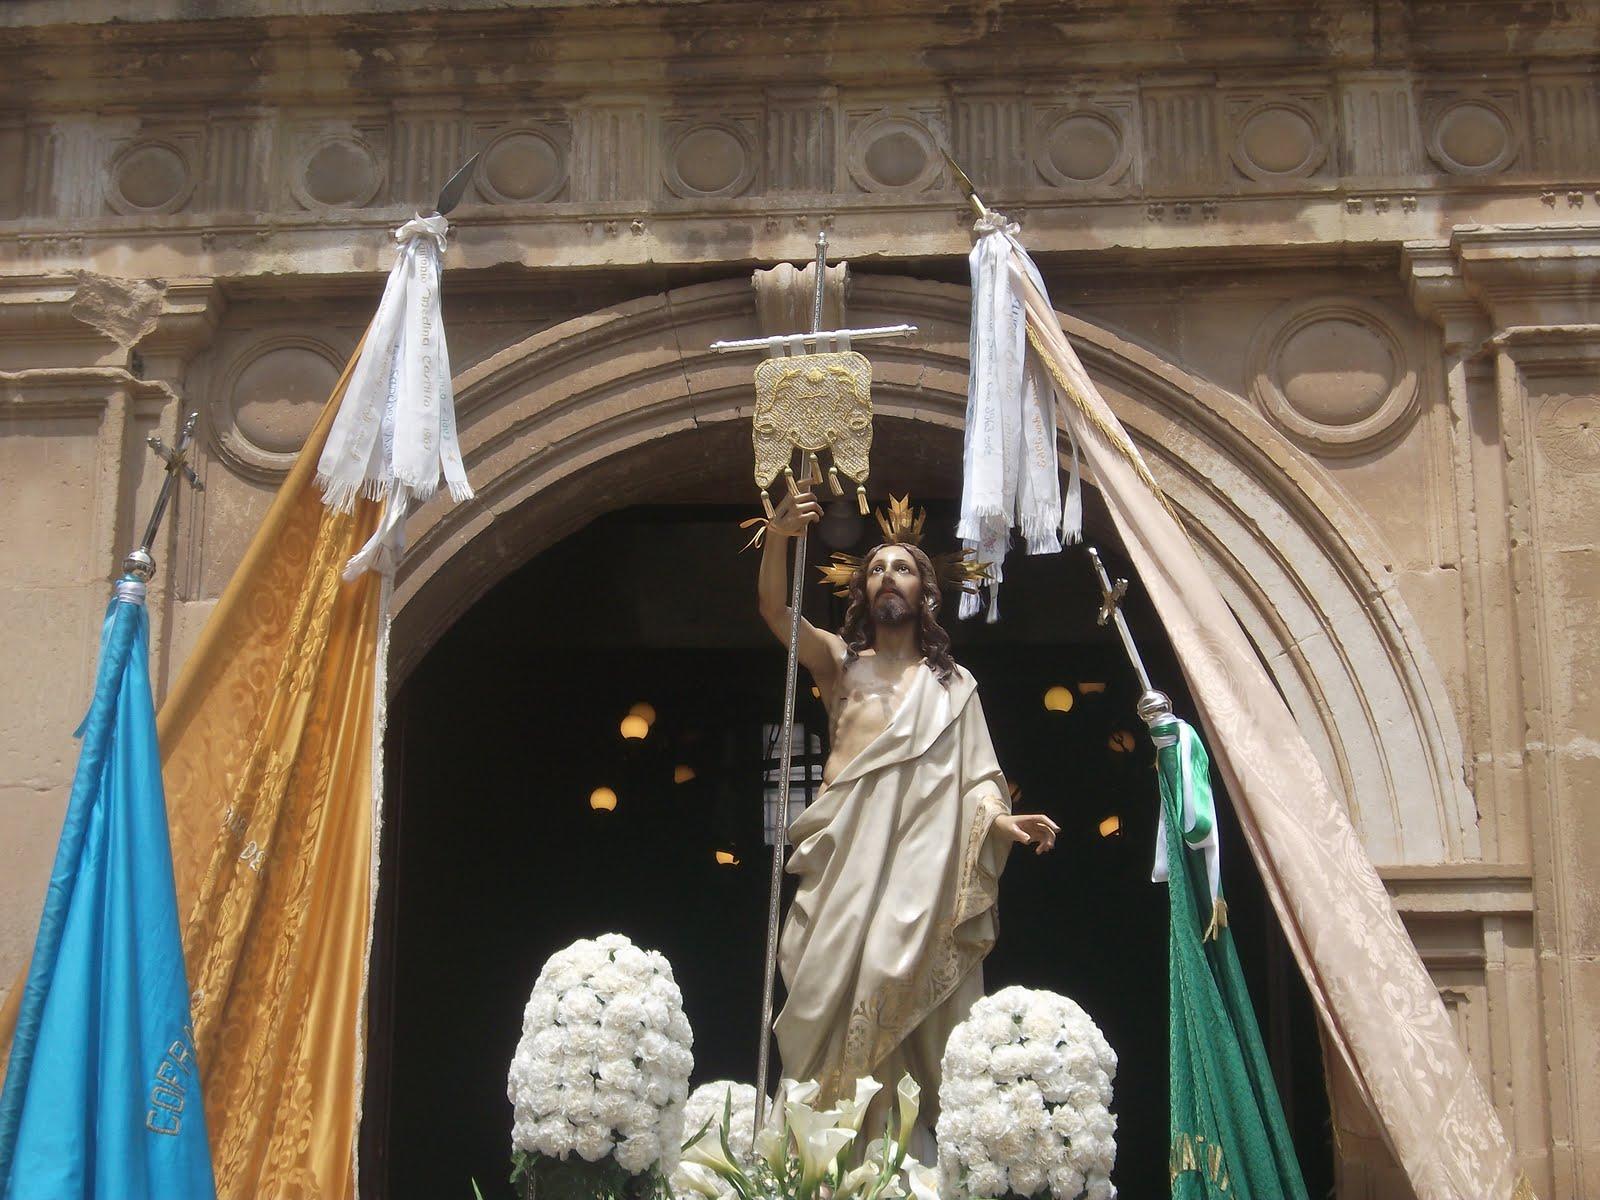 ... la Visita de la Virgen de la Cabeza de Cataluña a la Catedral de